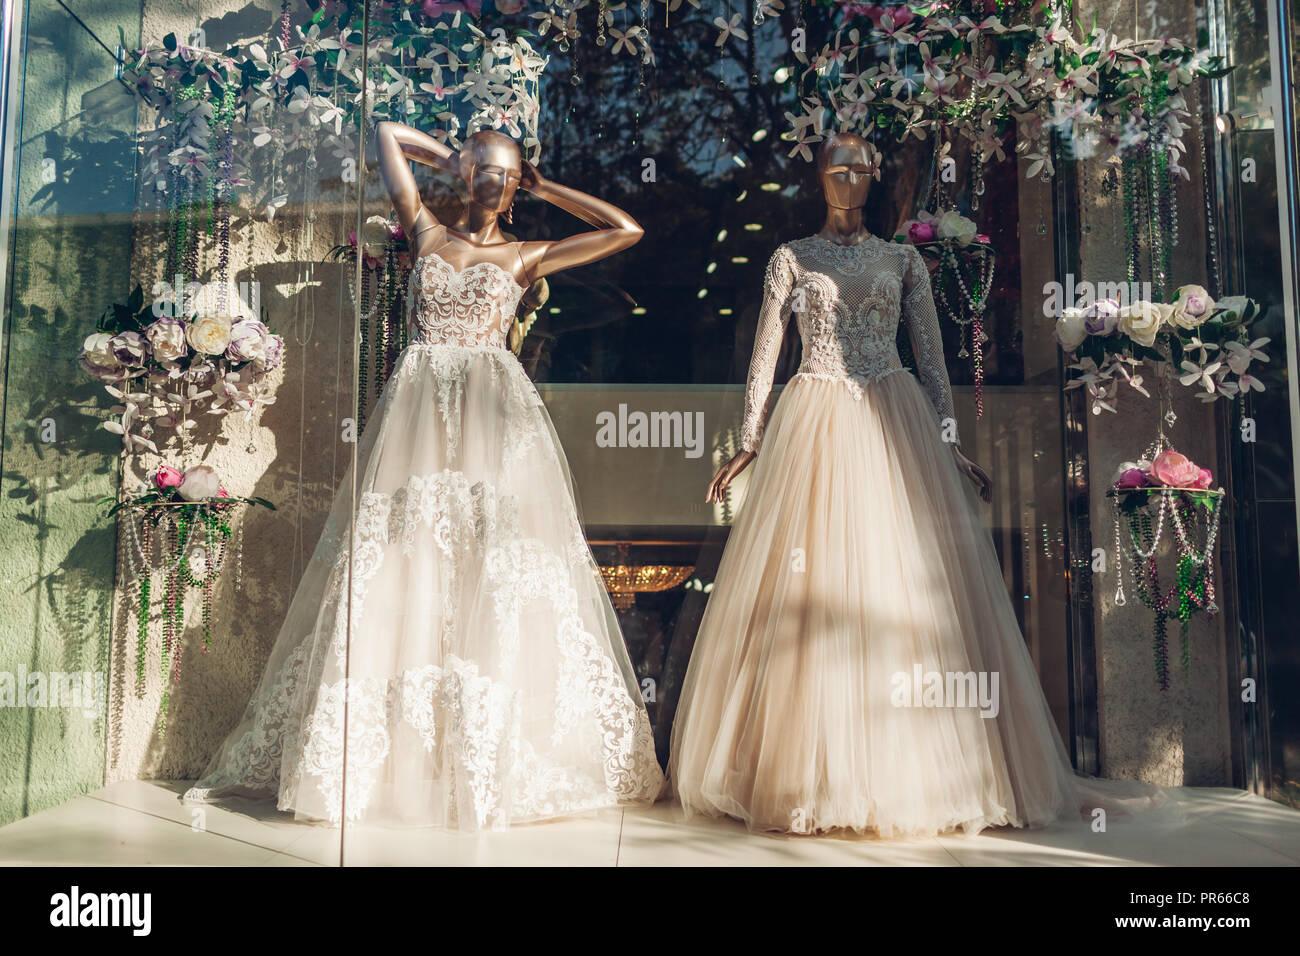 cca7e868076 Colección de elegantes vestidos de novia en el escaparate de la tienda. Dos  maniquíes vistiendo